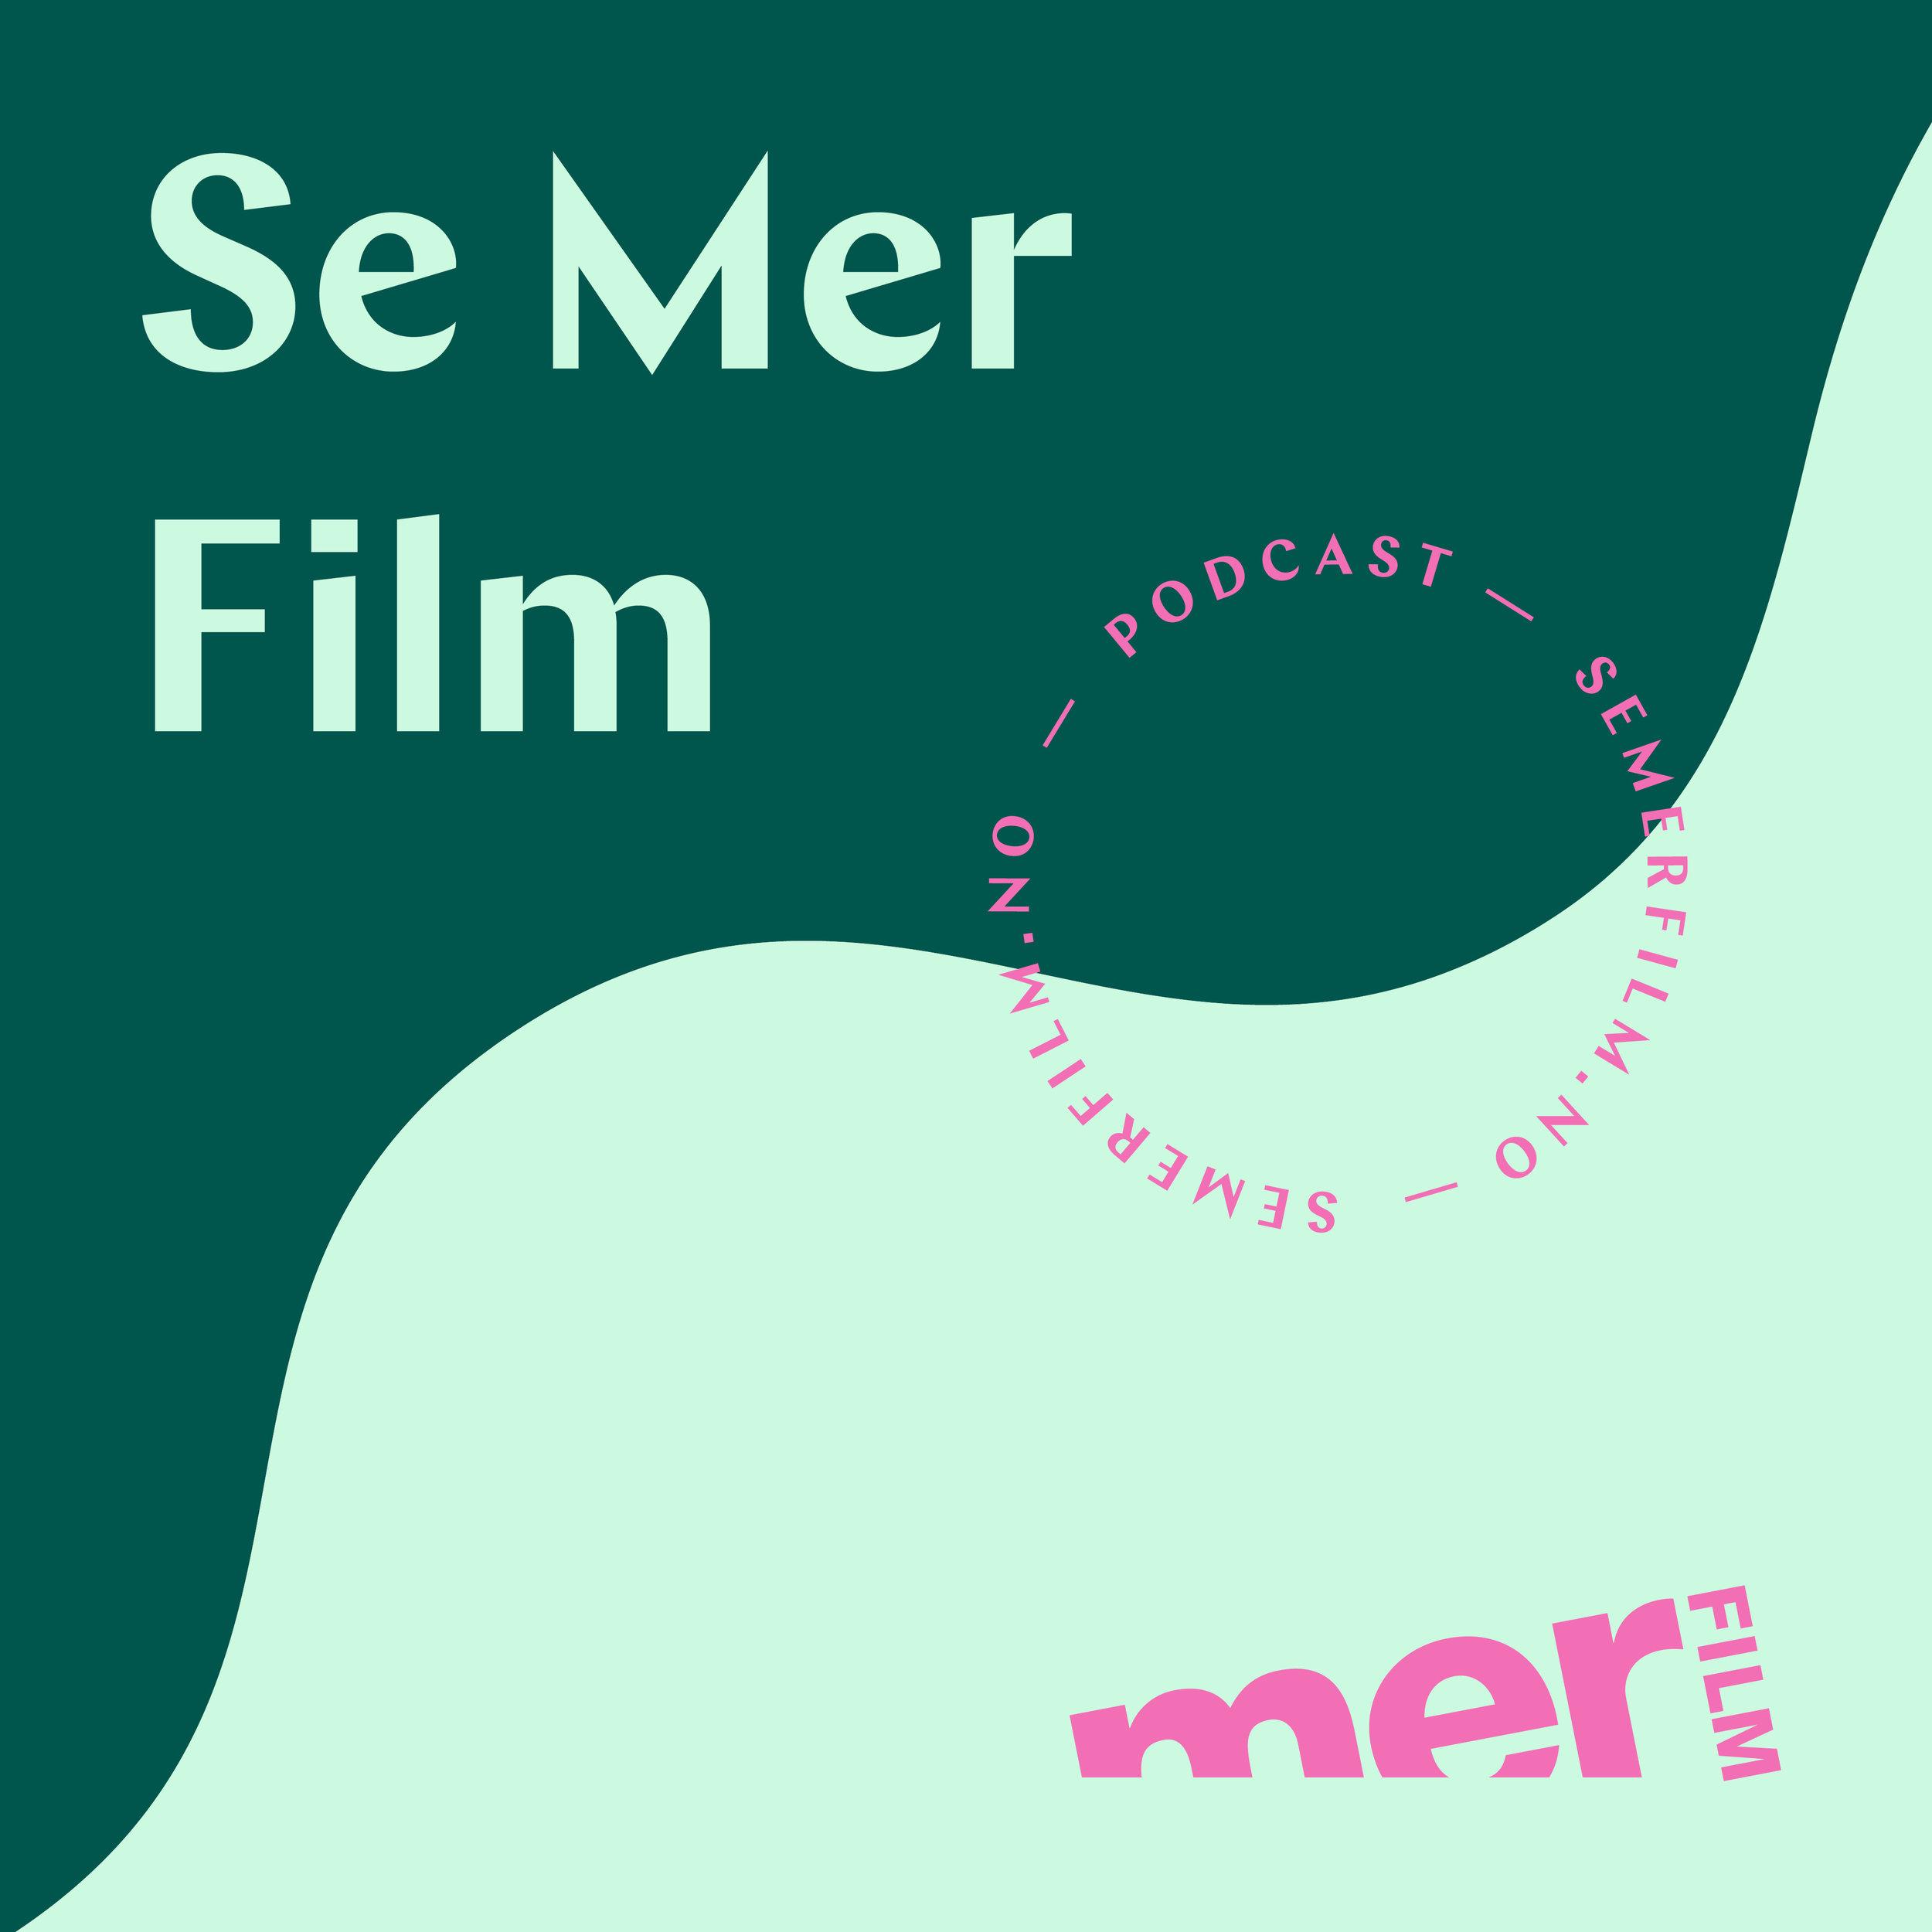 Se_Mer_film_podcast.jpg